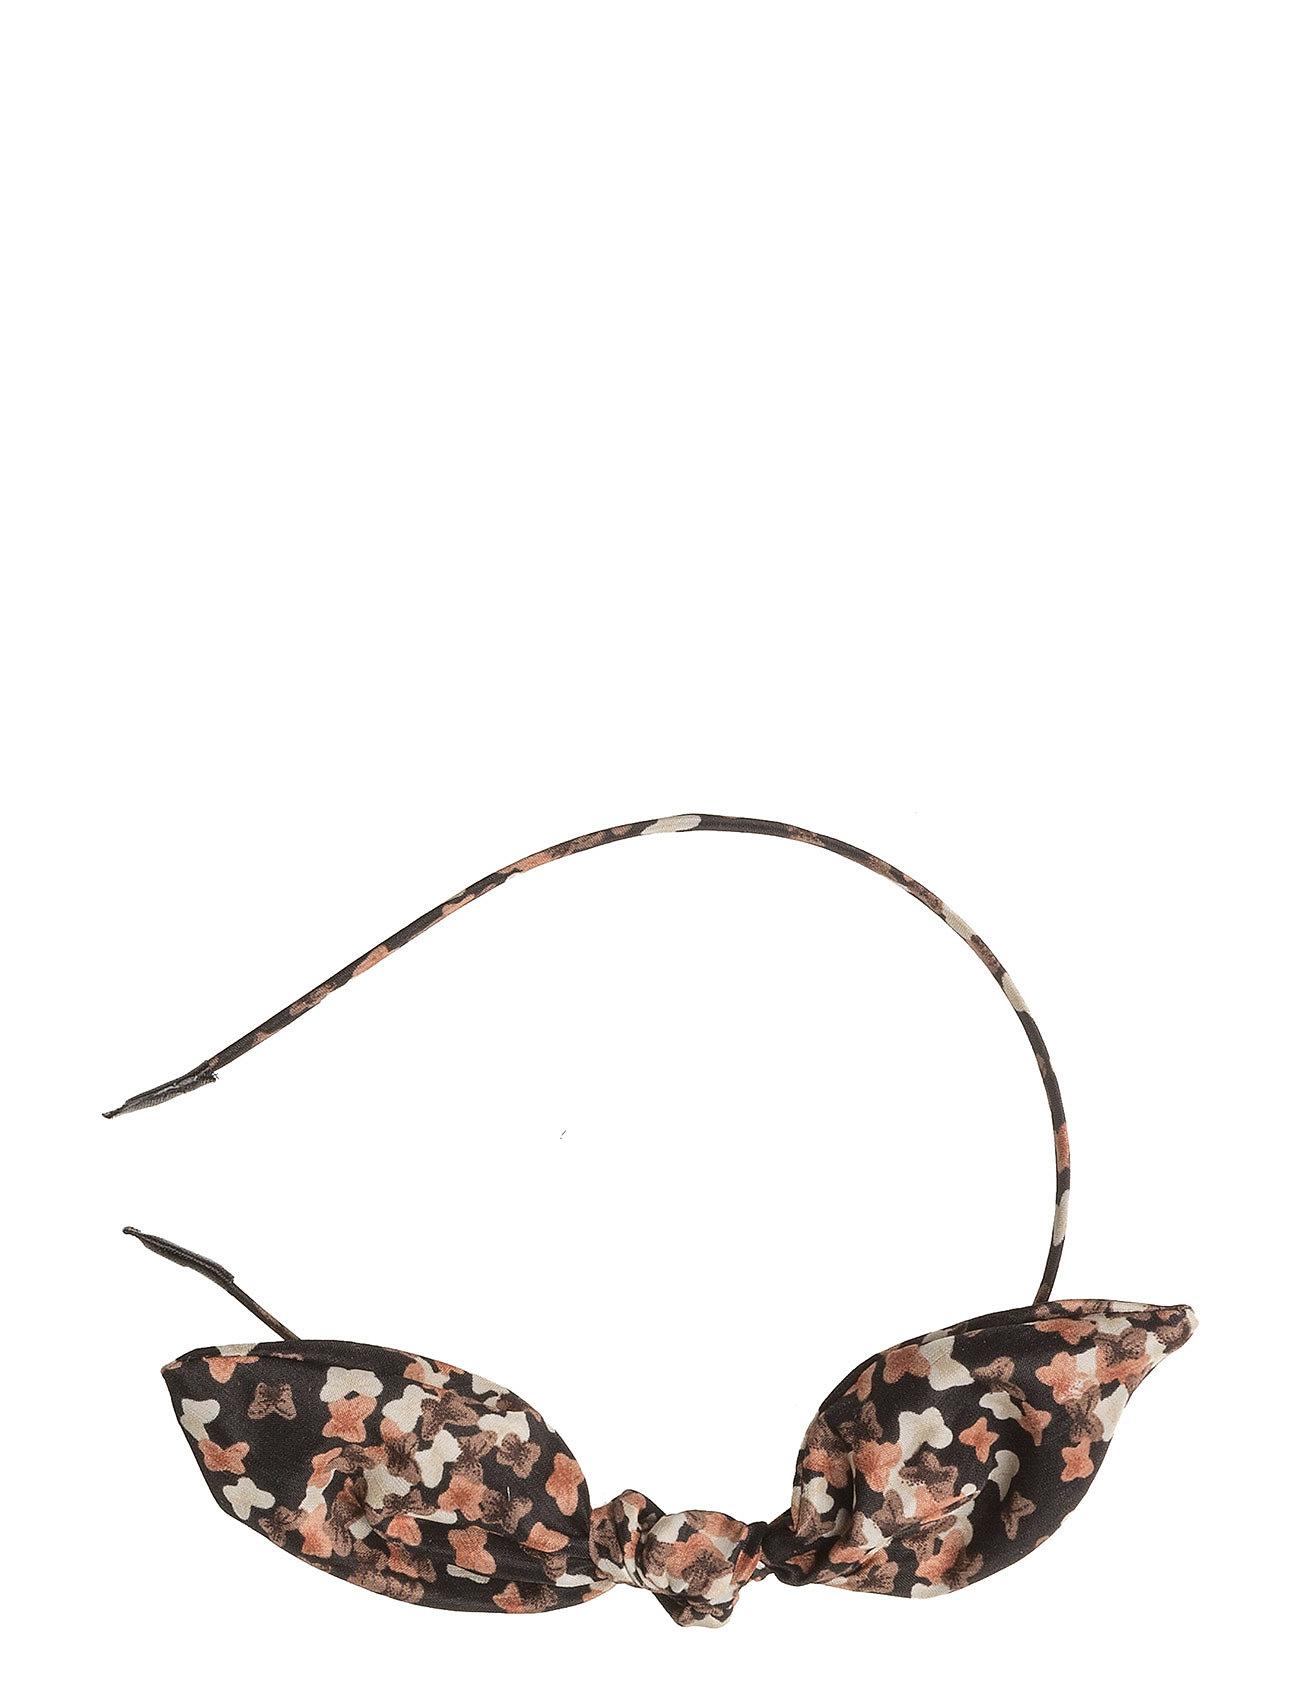 Molo Tie Bow Hairband